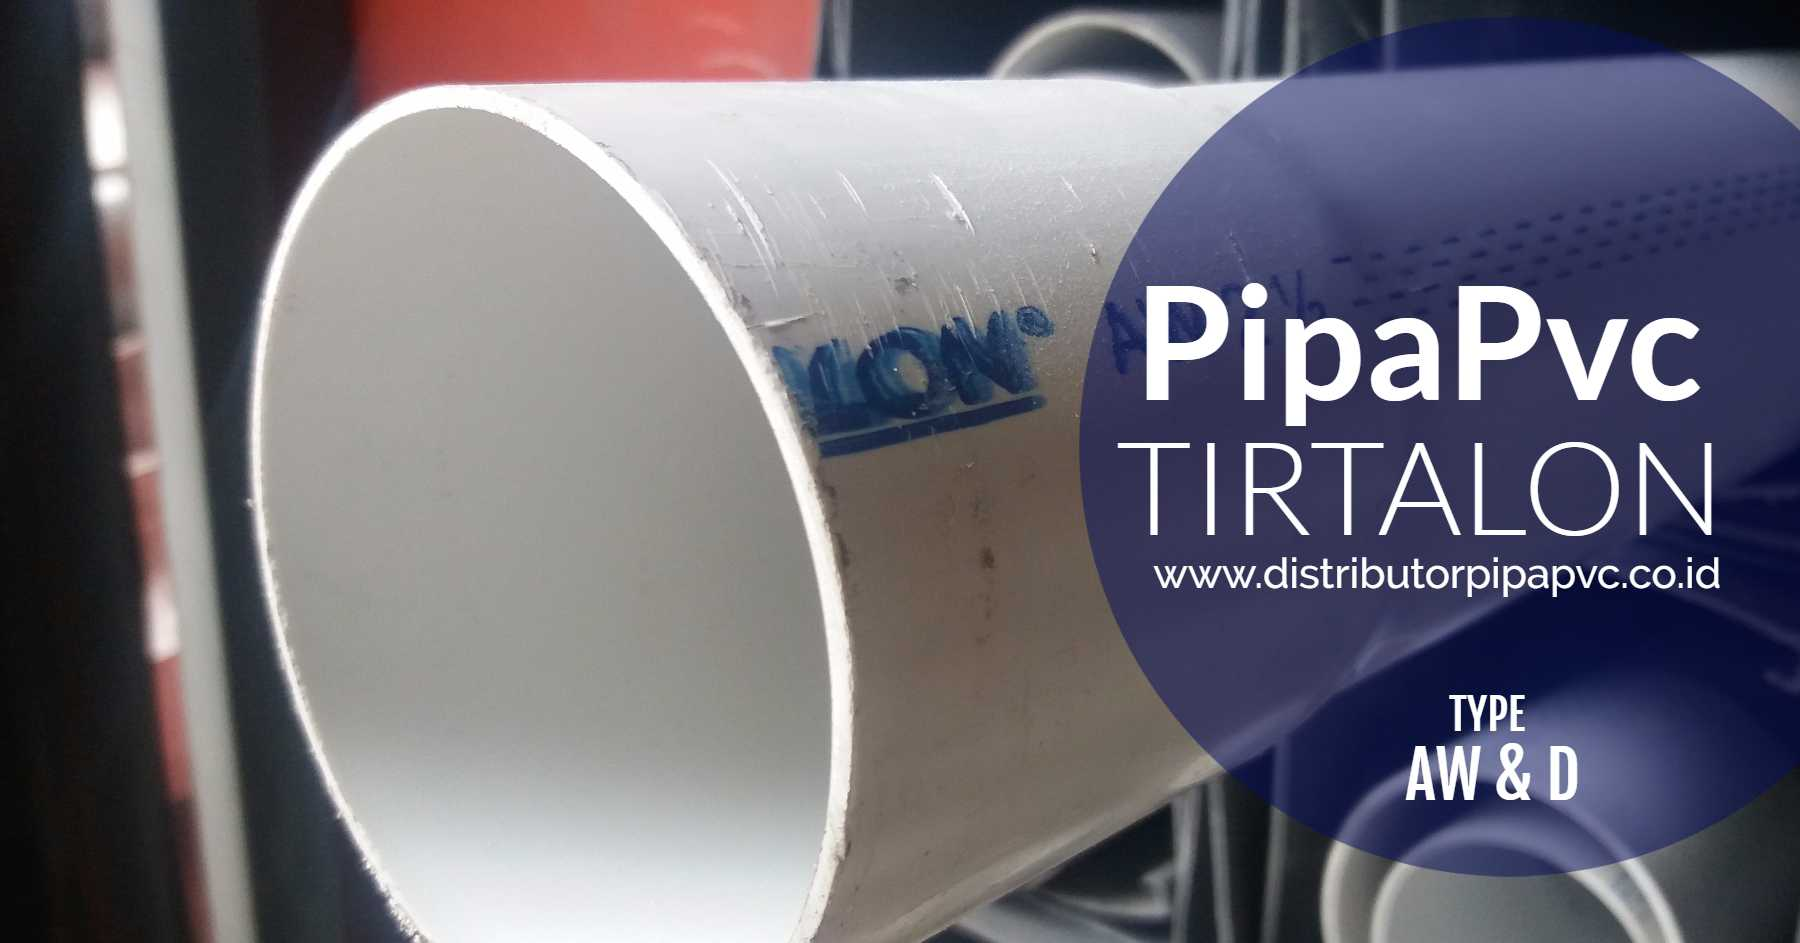 Pipa Pvc Tirtalon